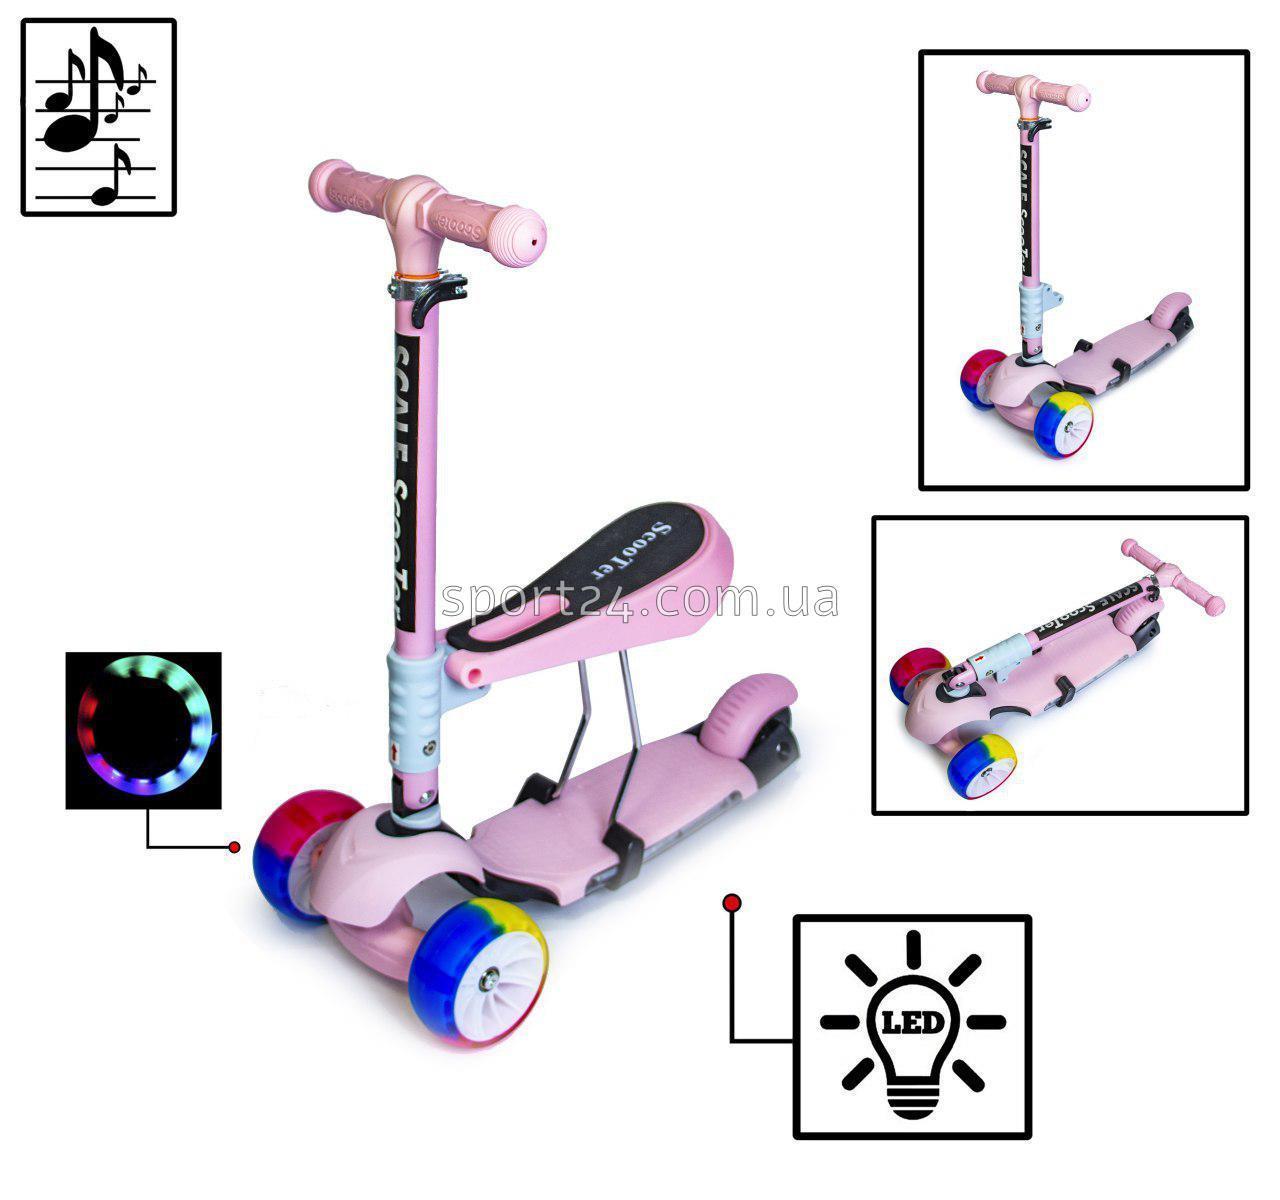 Детский самокат Scooter 3 в 1 Музыкальный (Складной руль, Смарт-колеса) от 1,5 лет (Розовый)